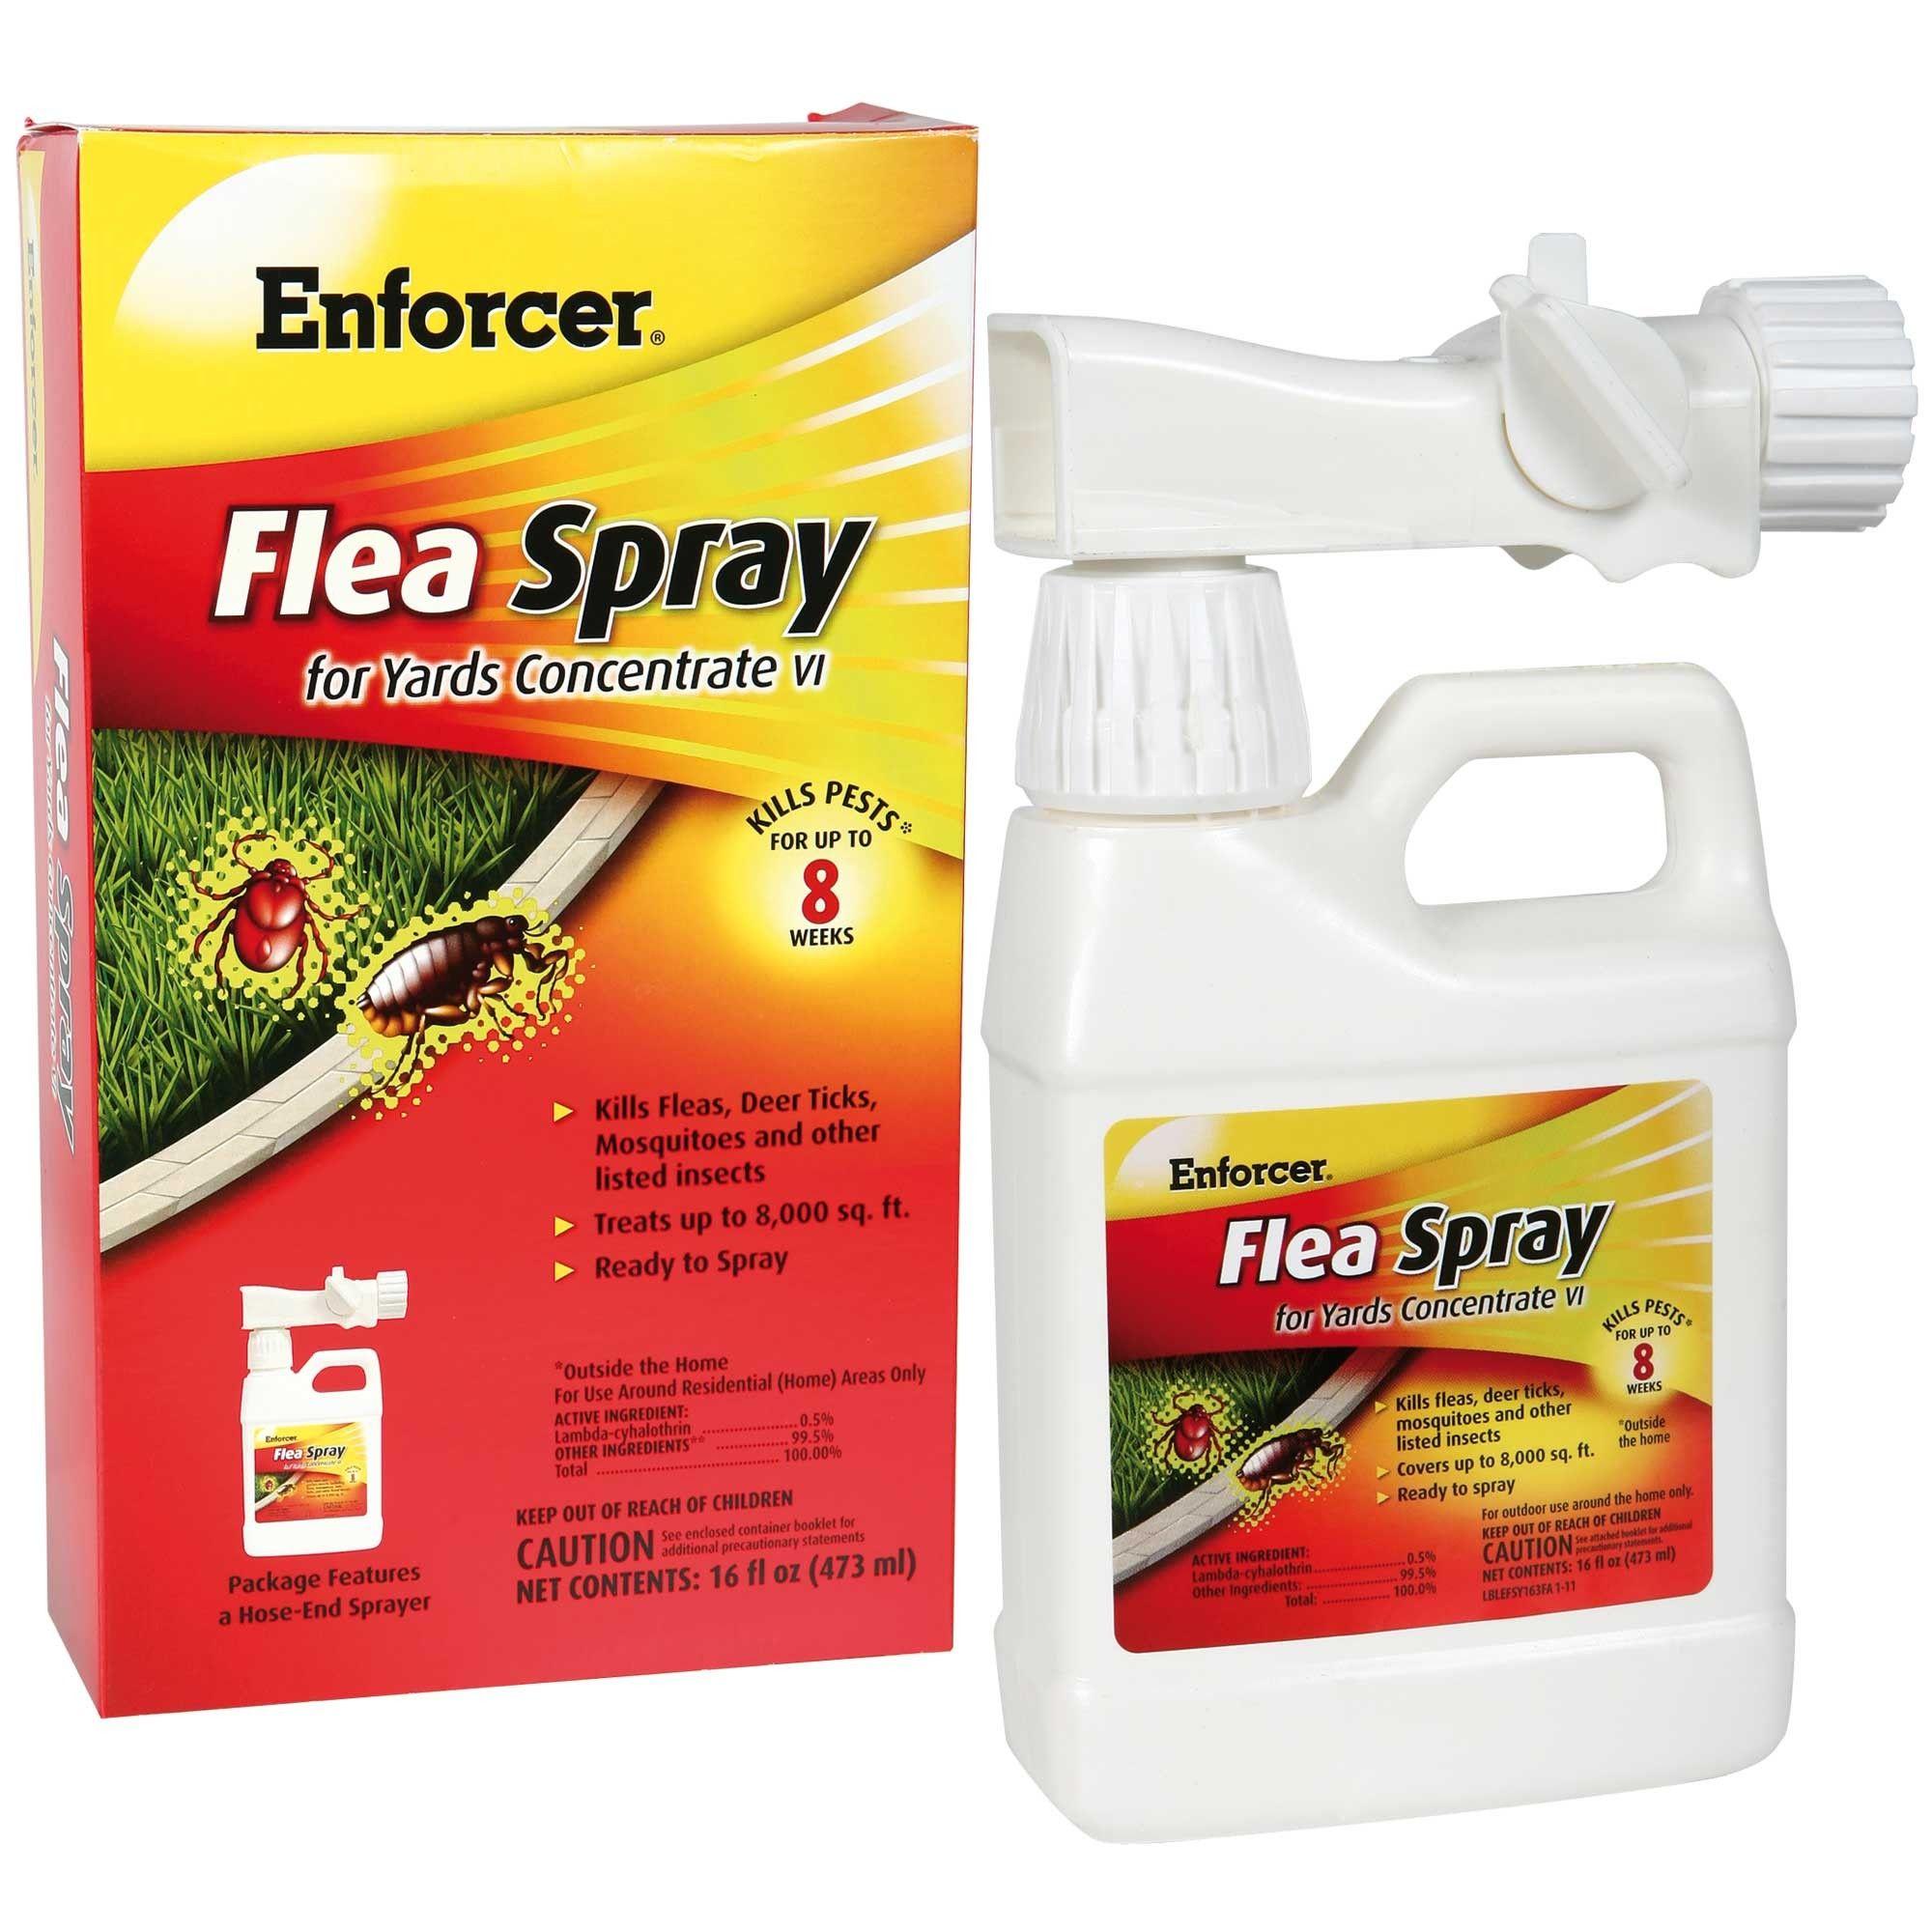 Genial Enforcer® Flea U0026 Tick Yard Spray